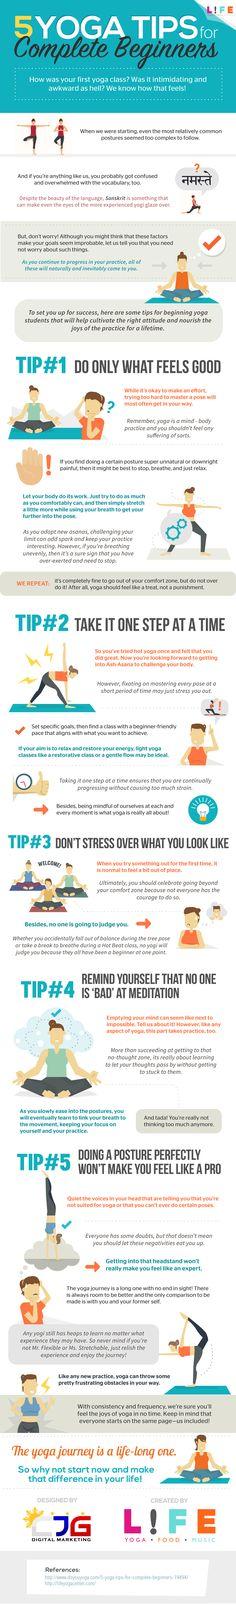 http://life.webtogo.com.ph/uploads/5-Yoga-Tips-for-Complete-Beginners.jpg